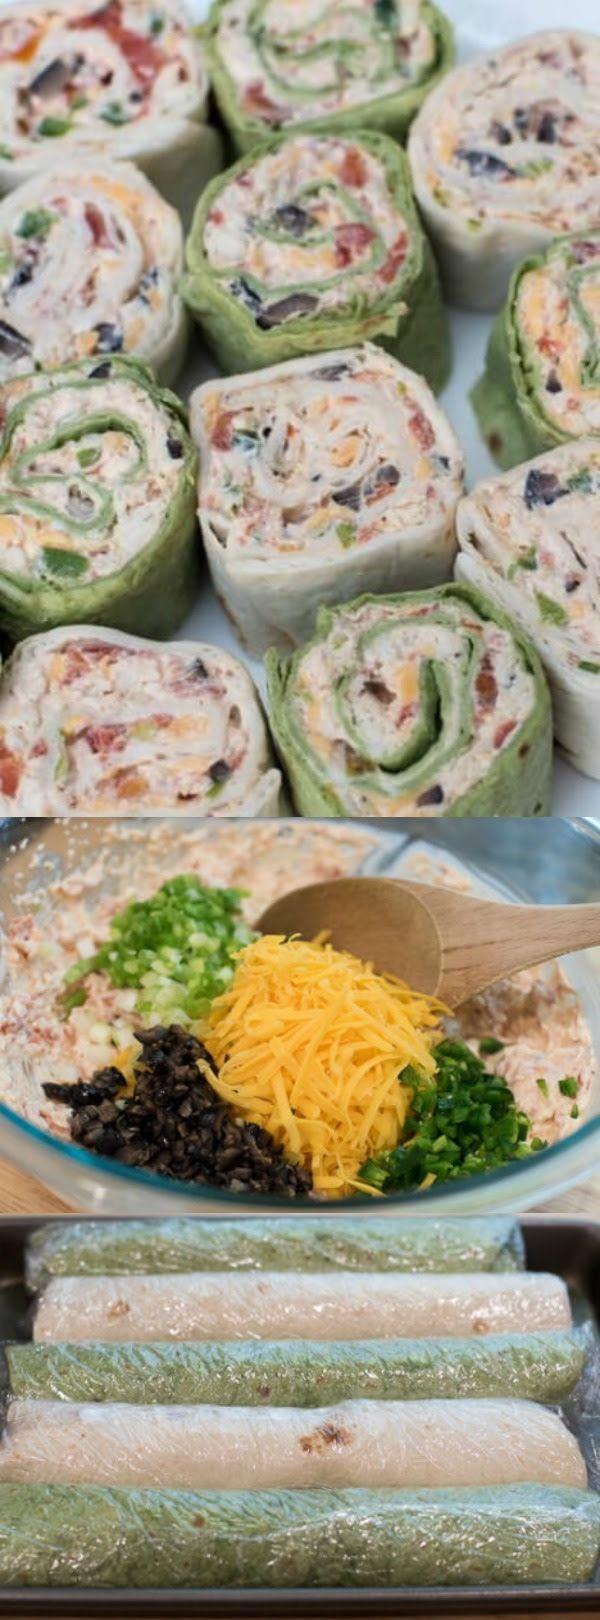 Chicken tortilla wrap recipe easy